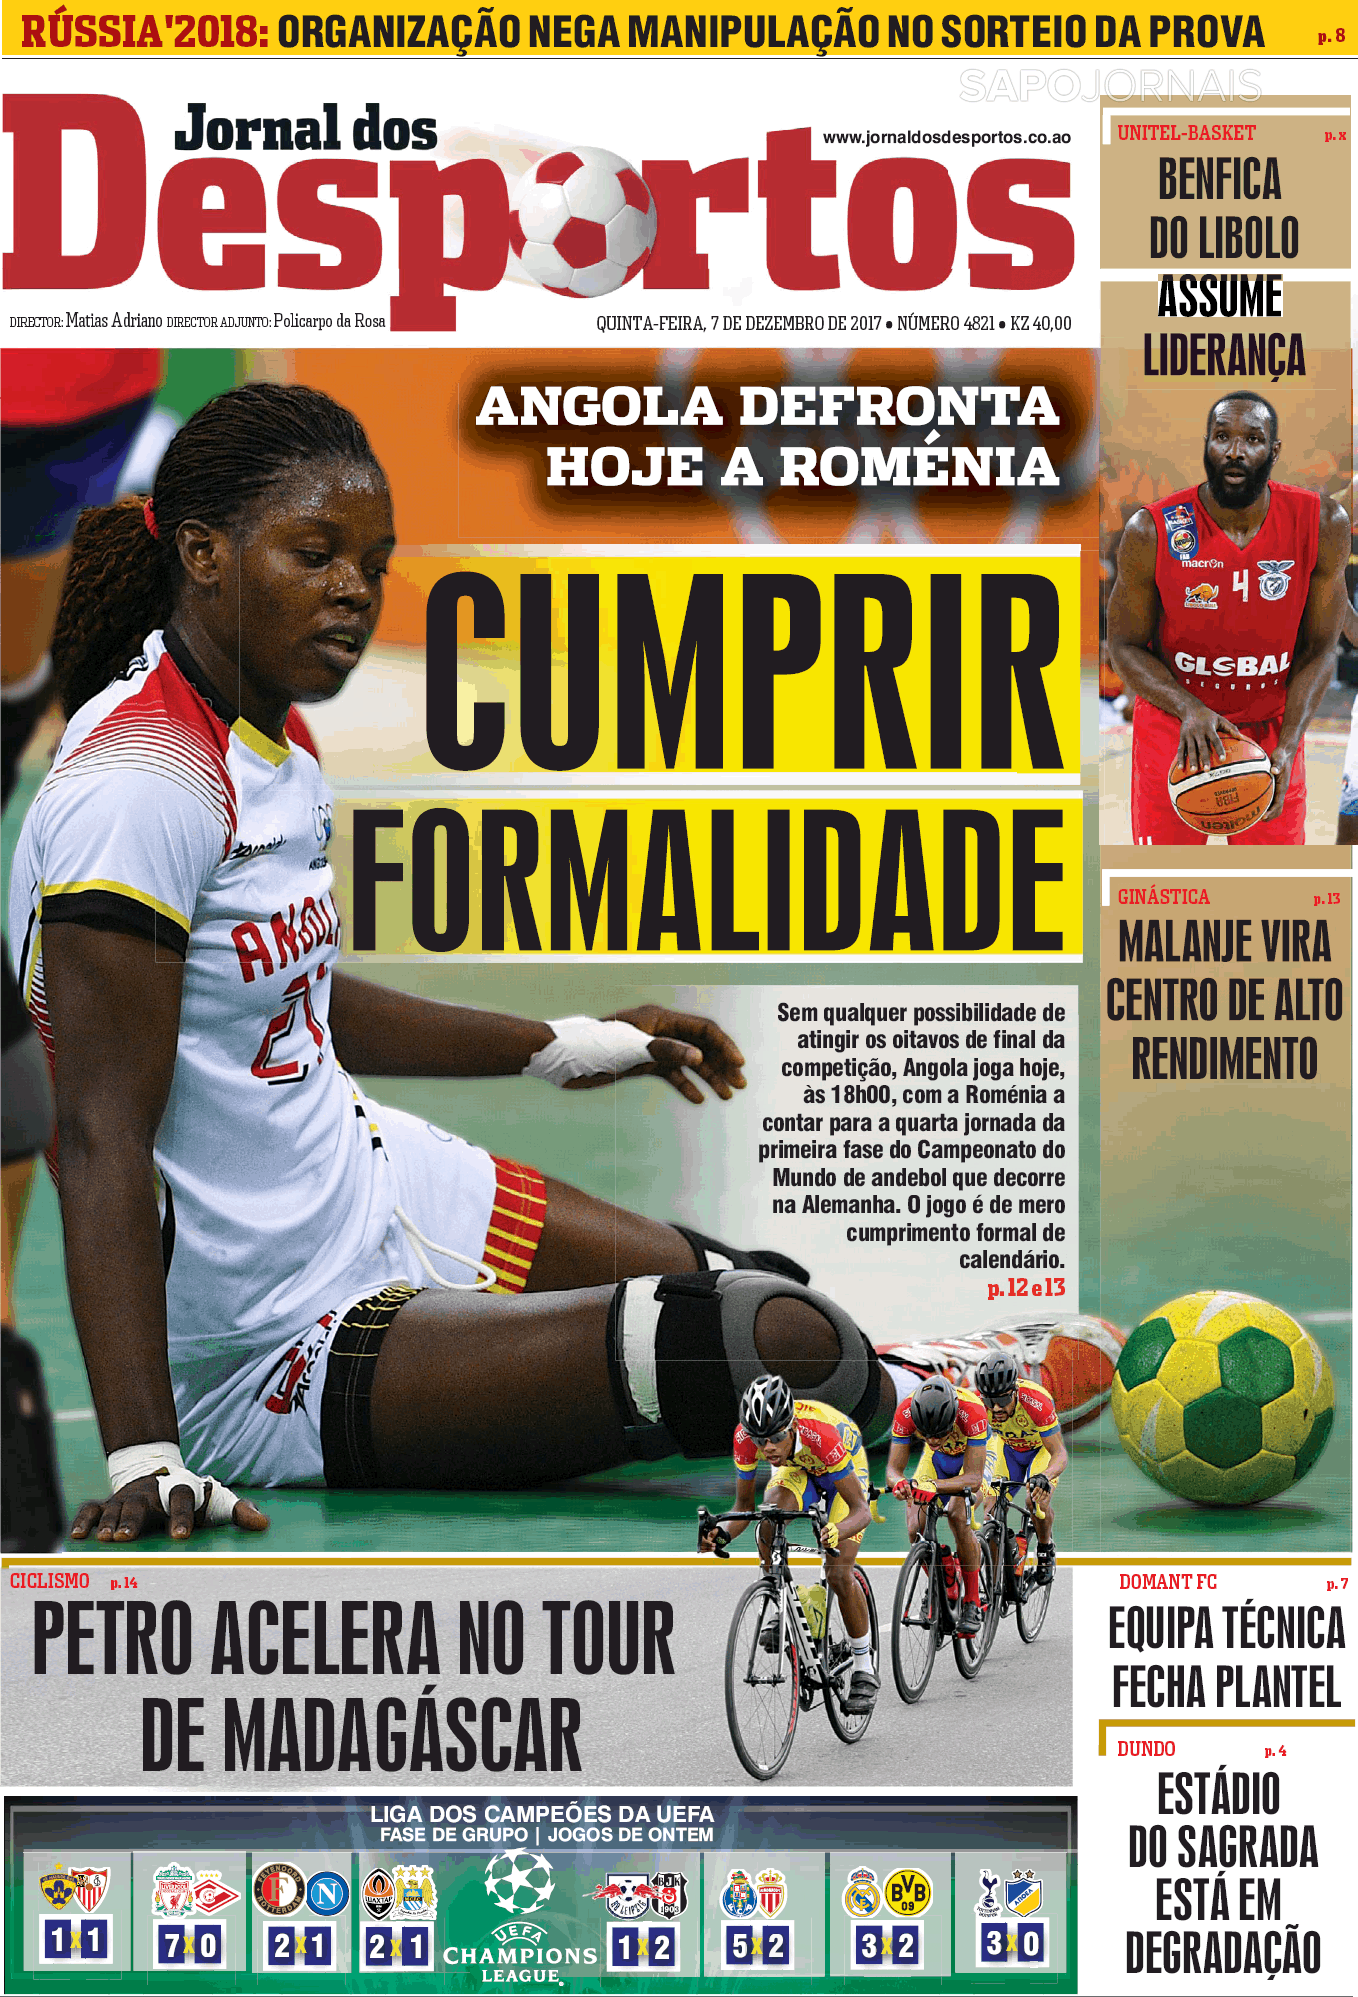 jornal dos desportos  7 dez 2017  - jornais e revistas